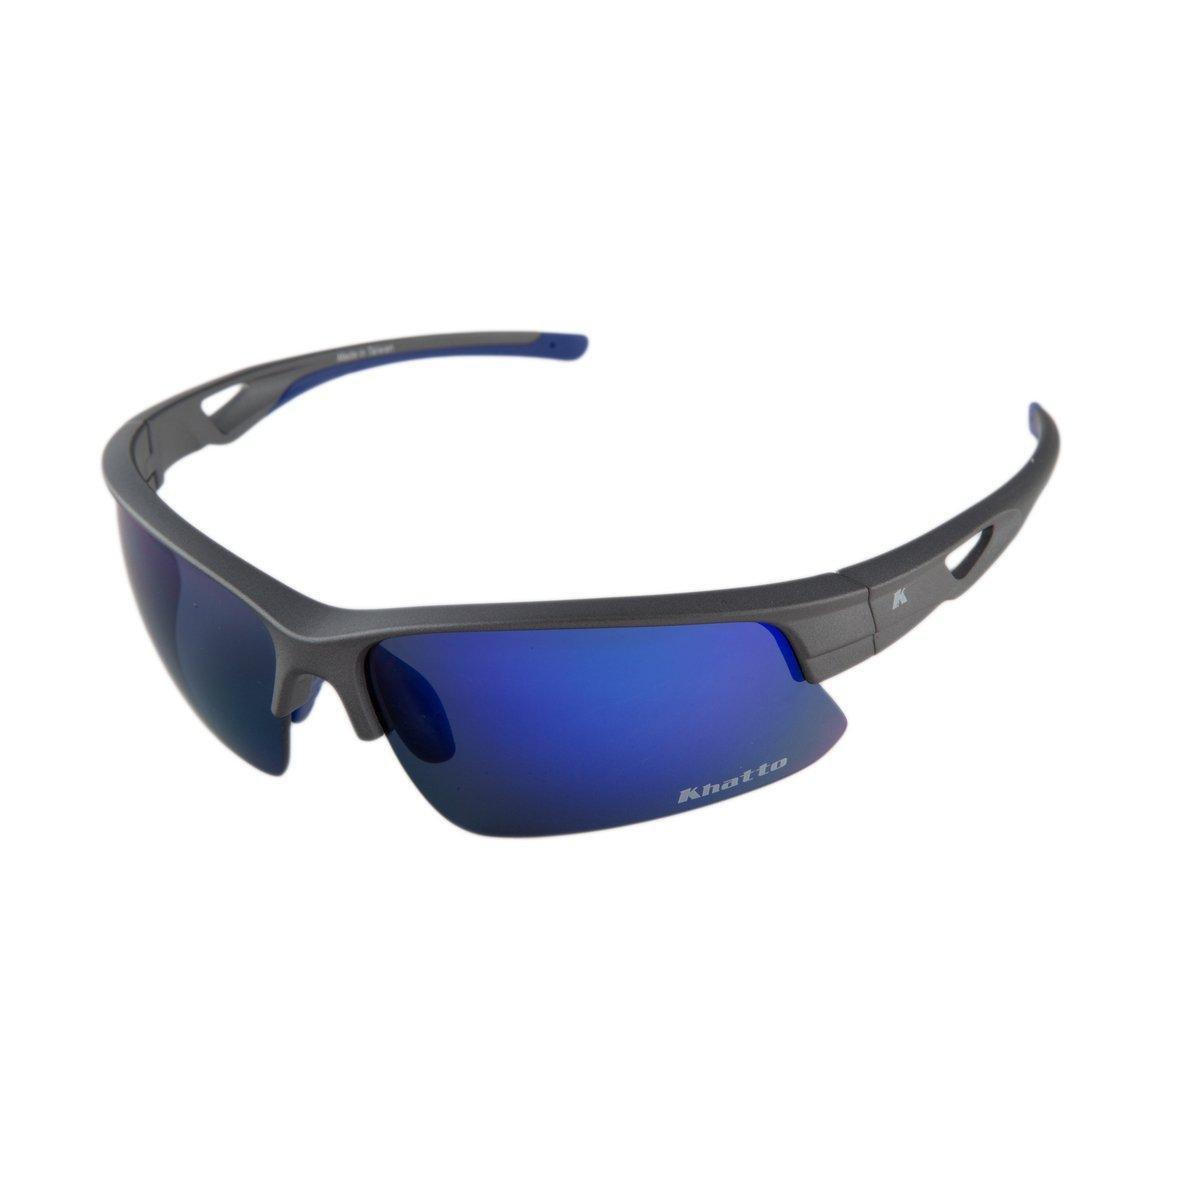 acce439c5200b Óculos solar Khatto esportivo - Compre Agora   Netshoes